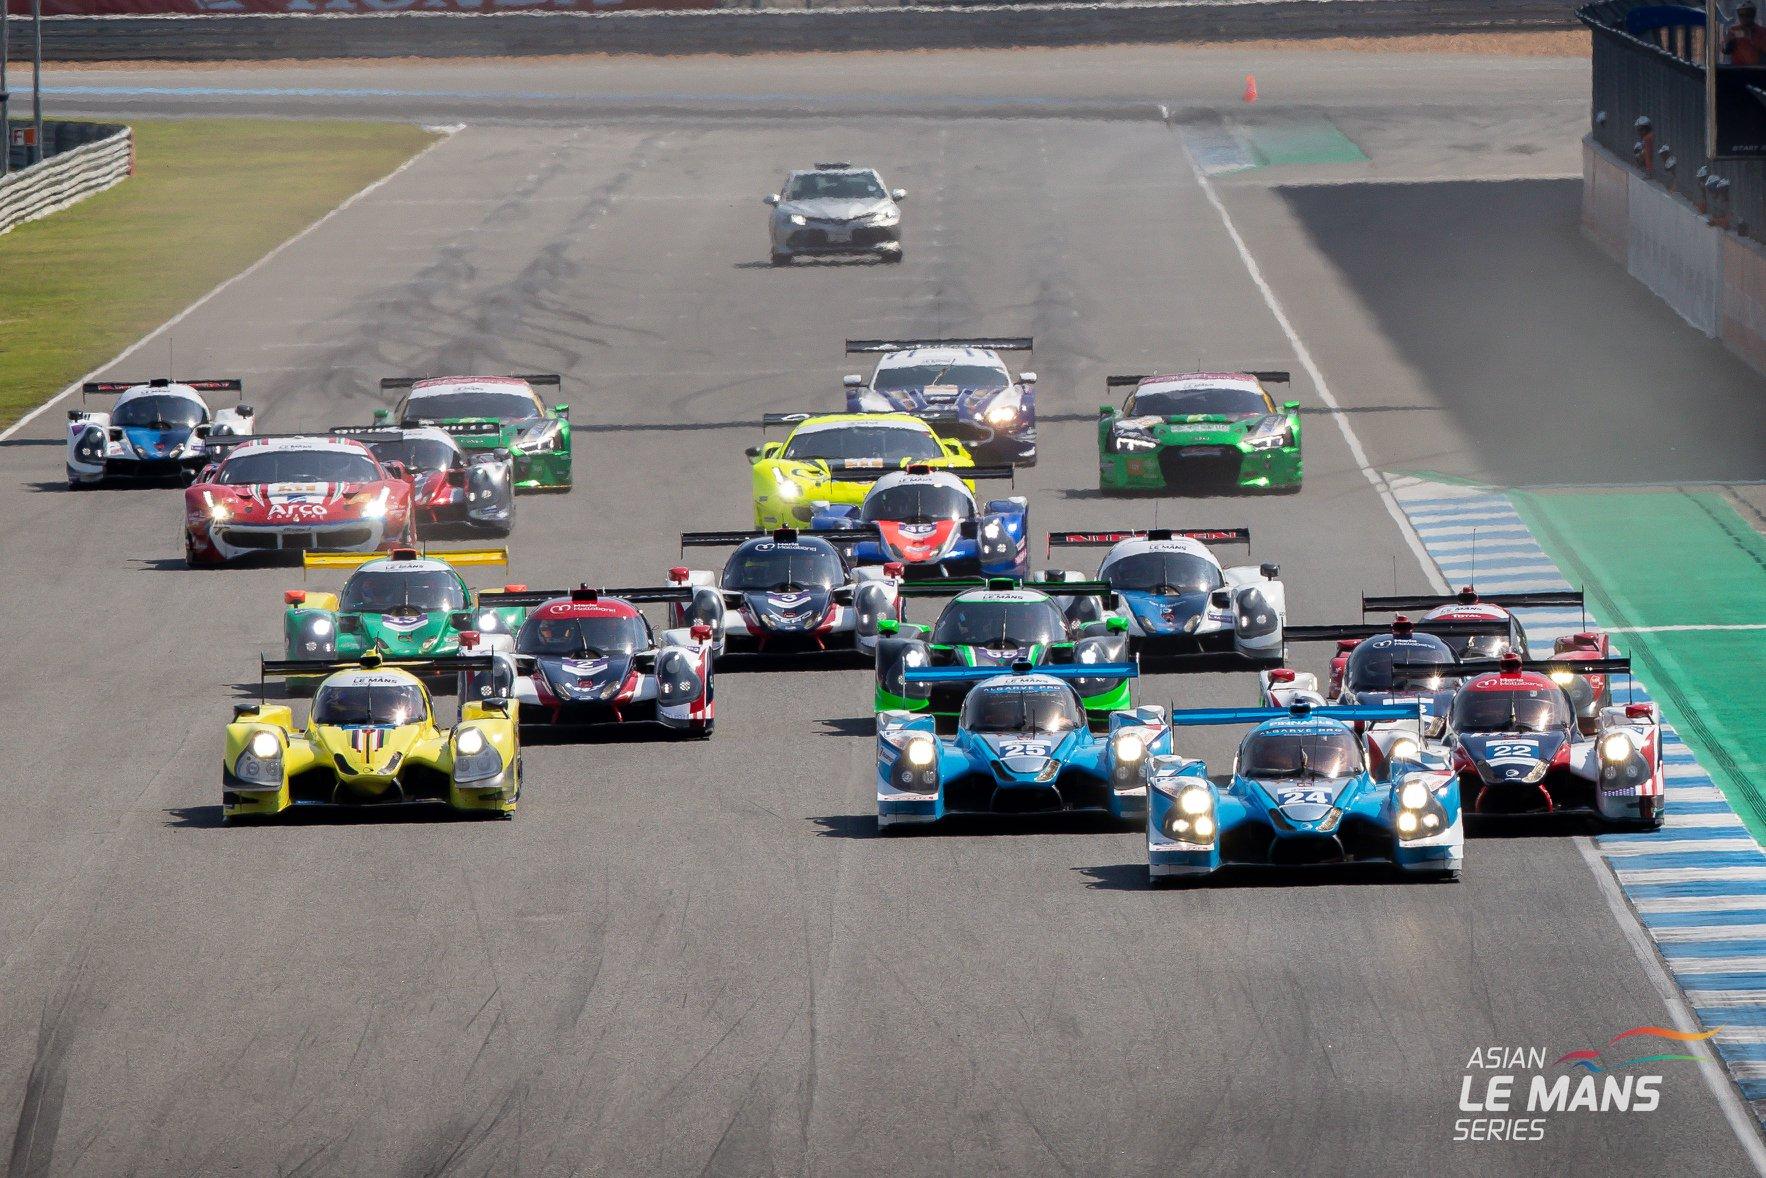 Asian Le Mans Series : 2019/2020, la saison de la maturité ?